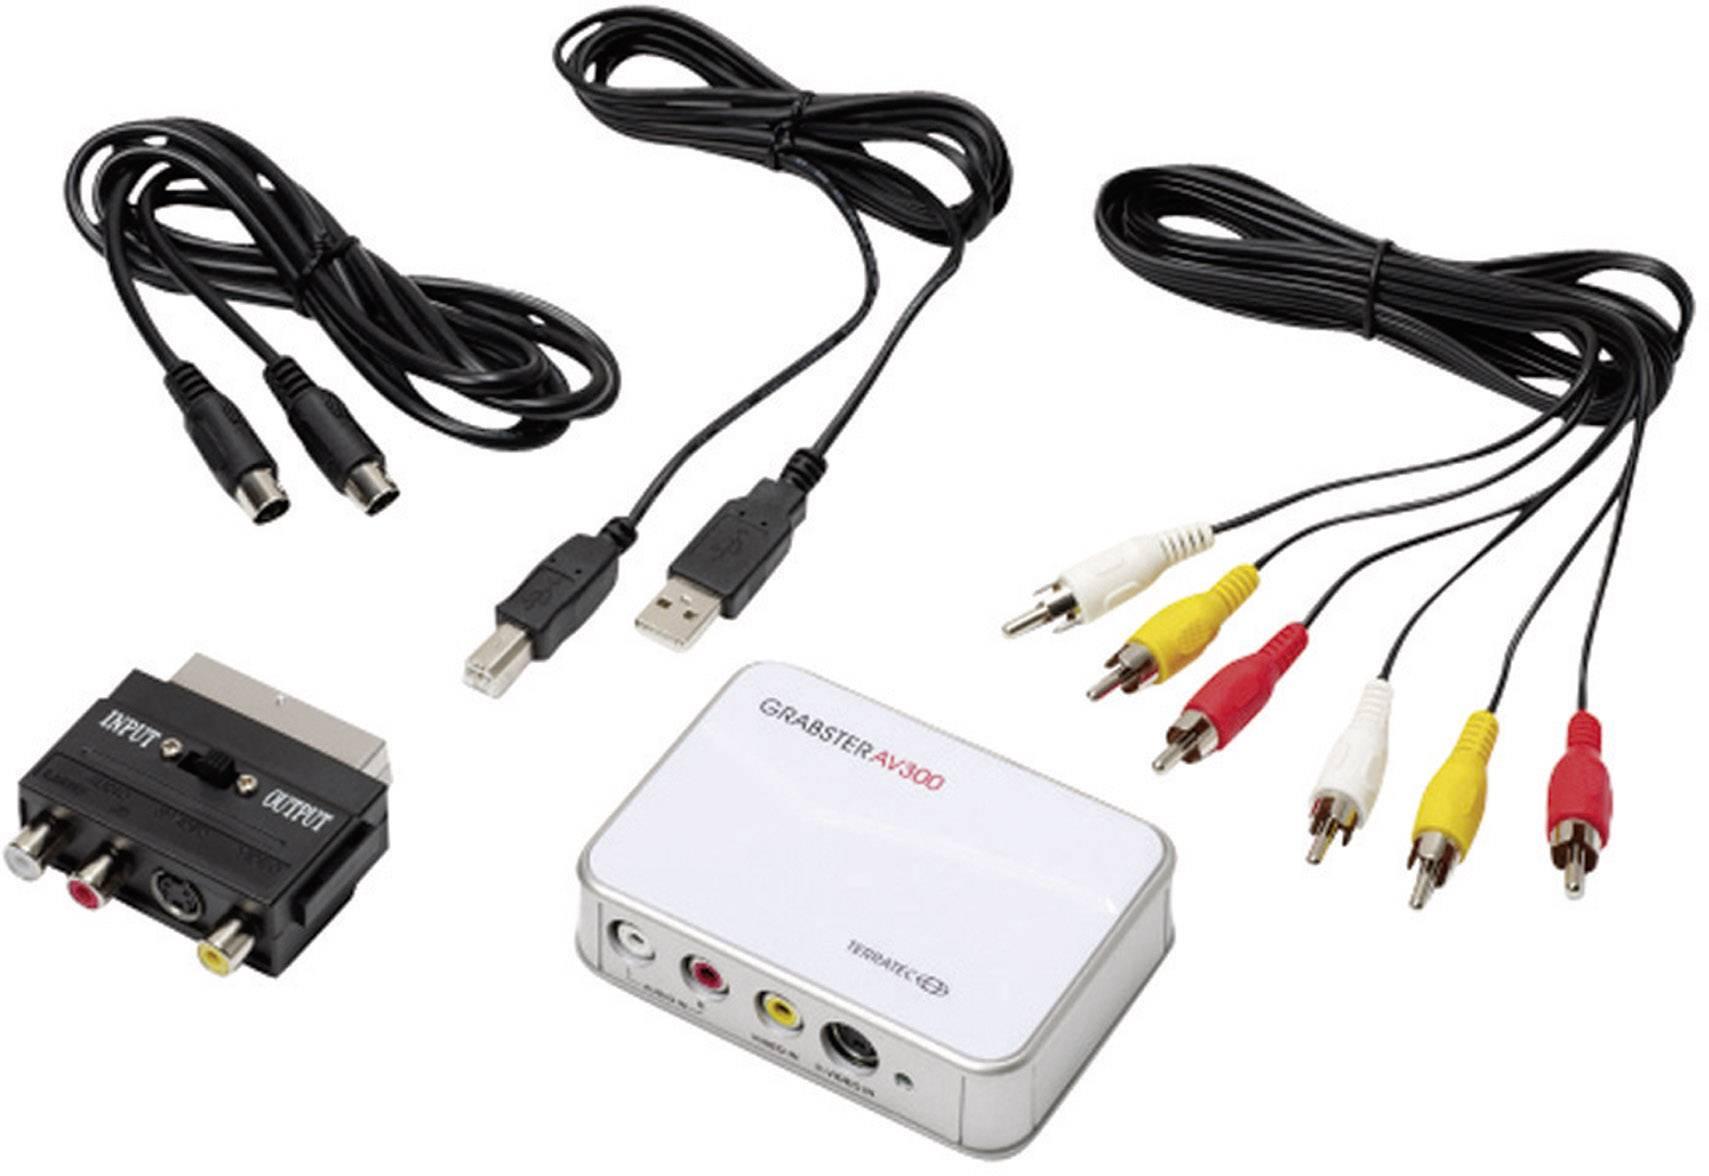 USB zariadenie na prevod videa do digitálneho záznamu, Terratec Grabster AV 300 MX 10764